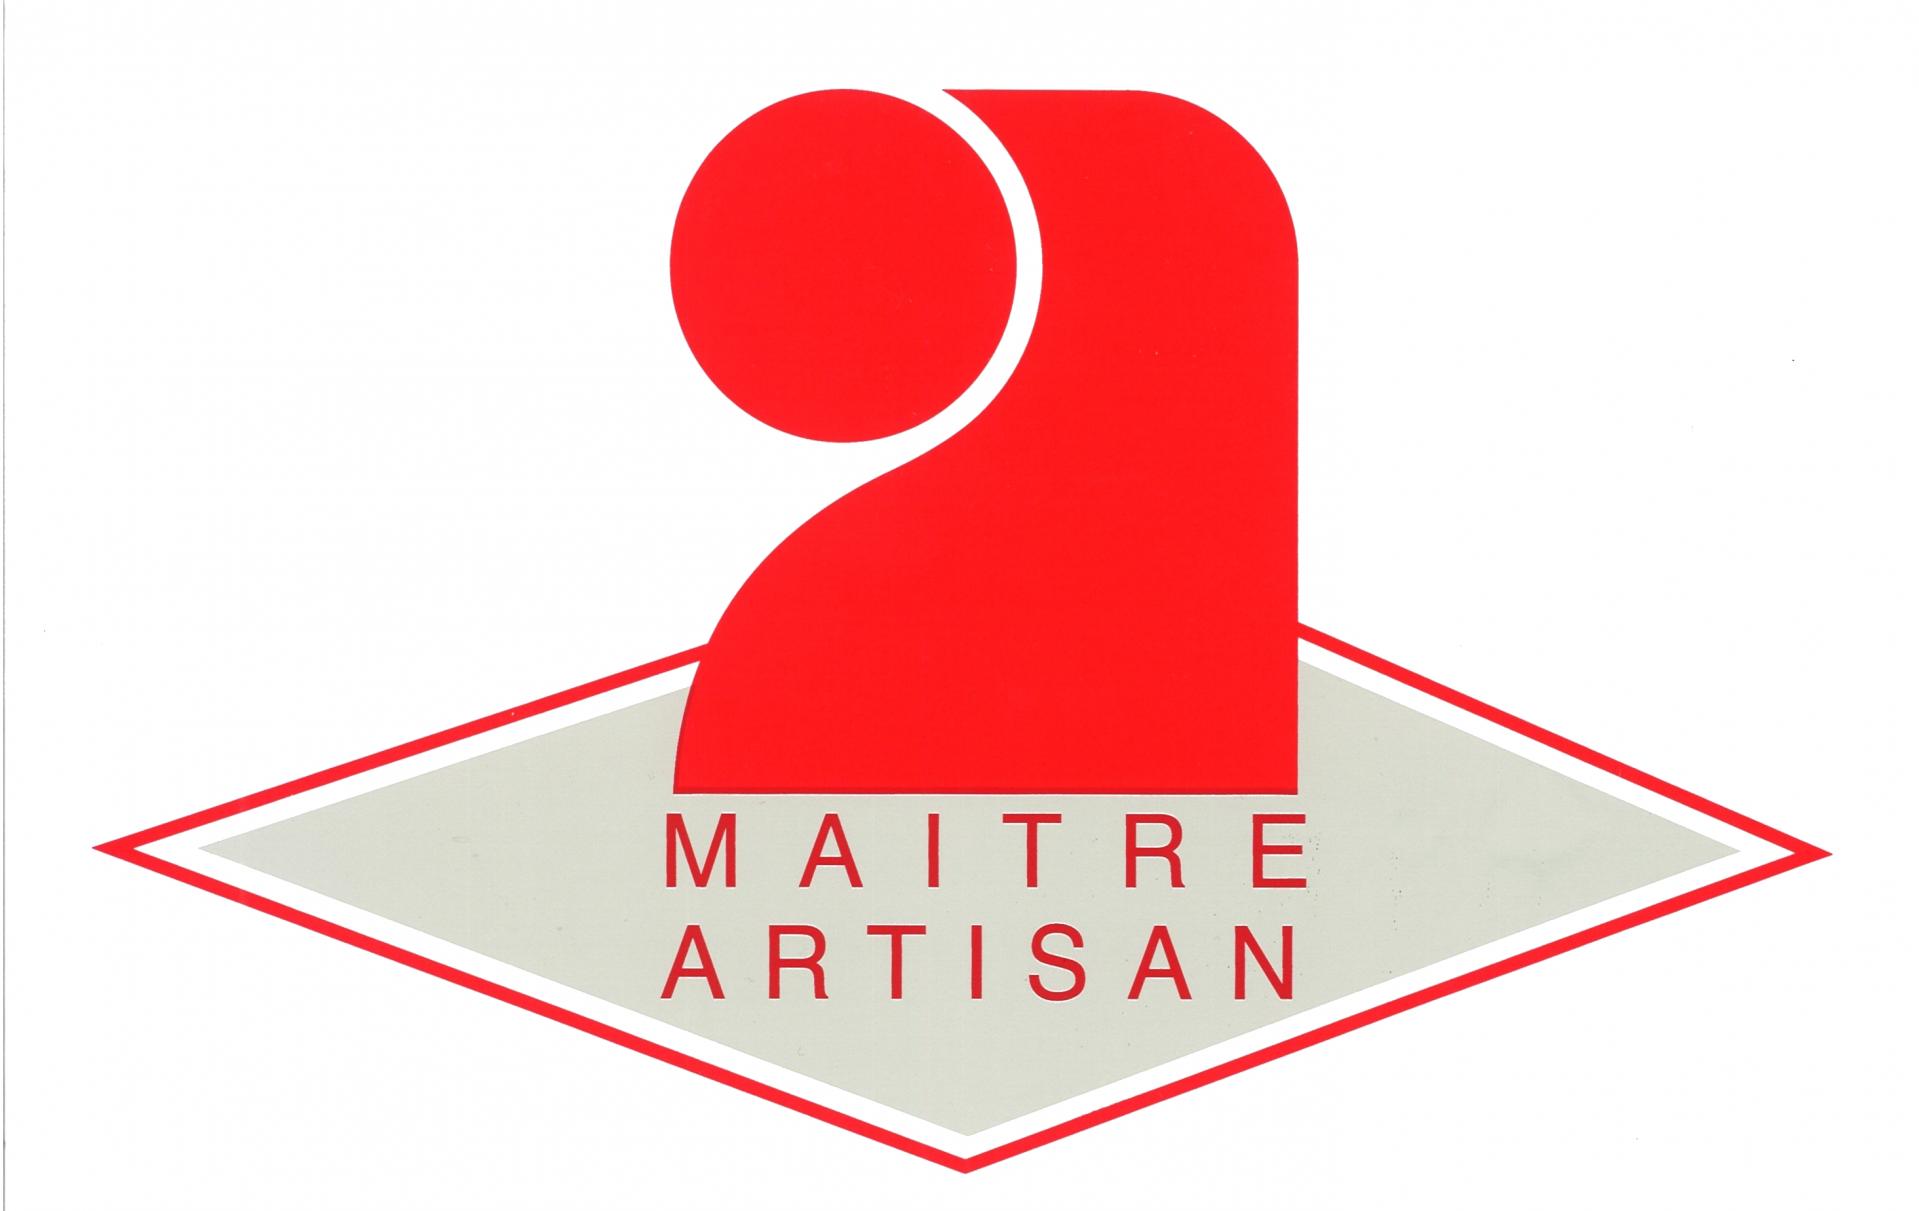 Logo maitre artisan 1